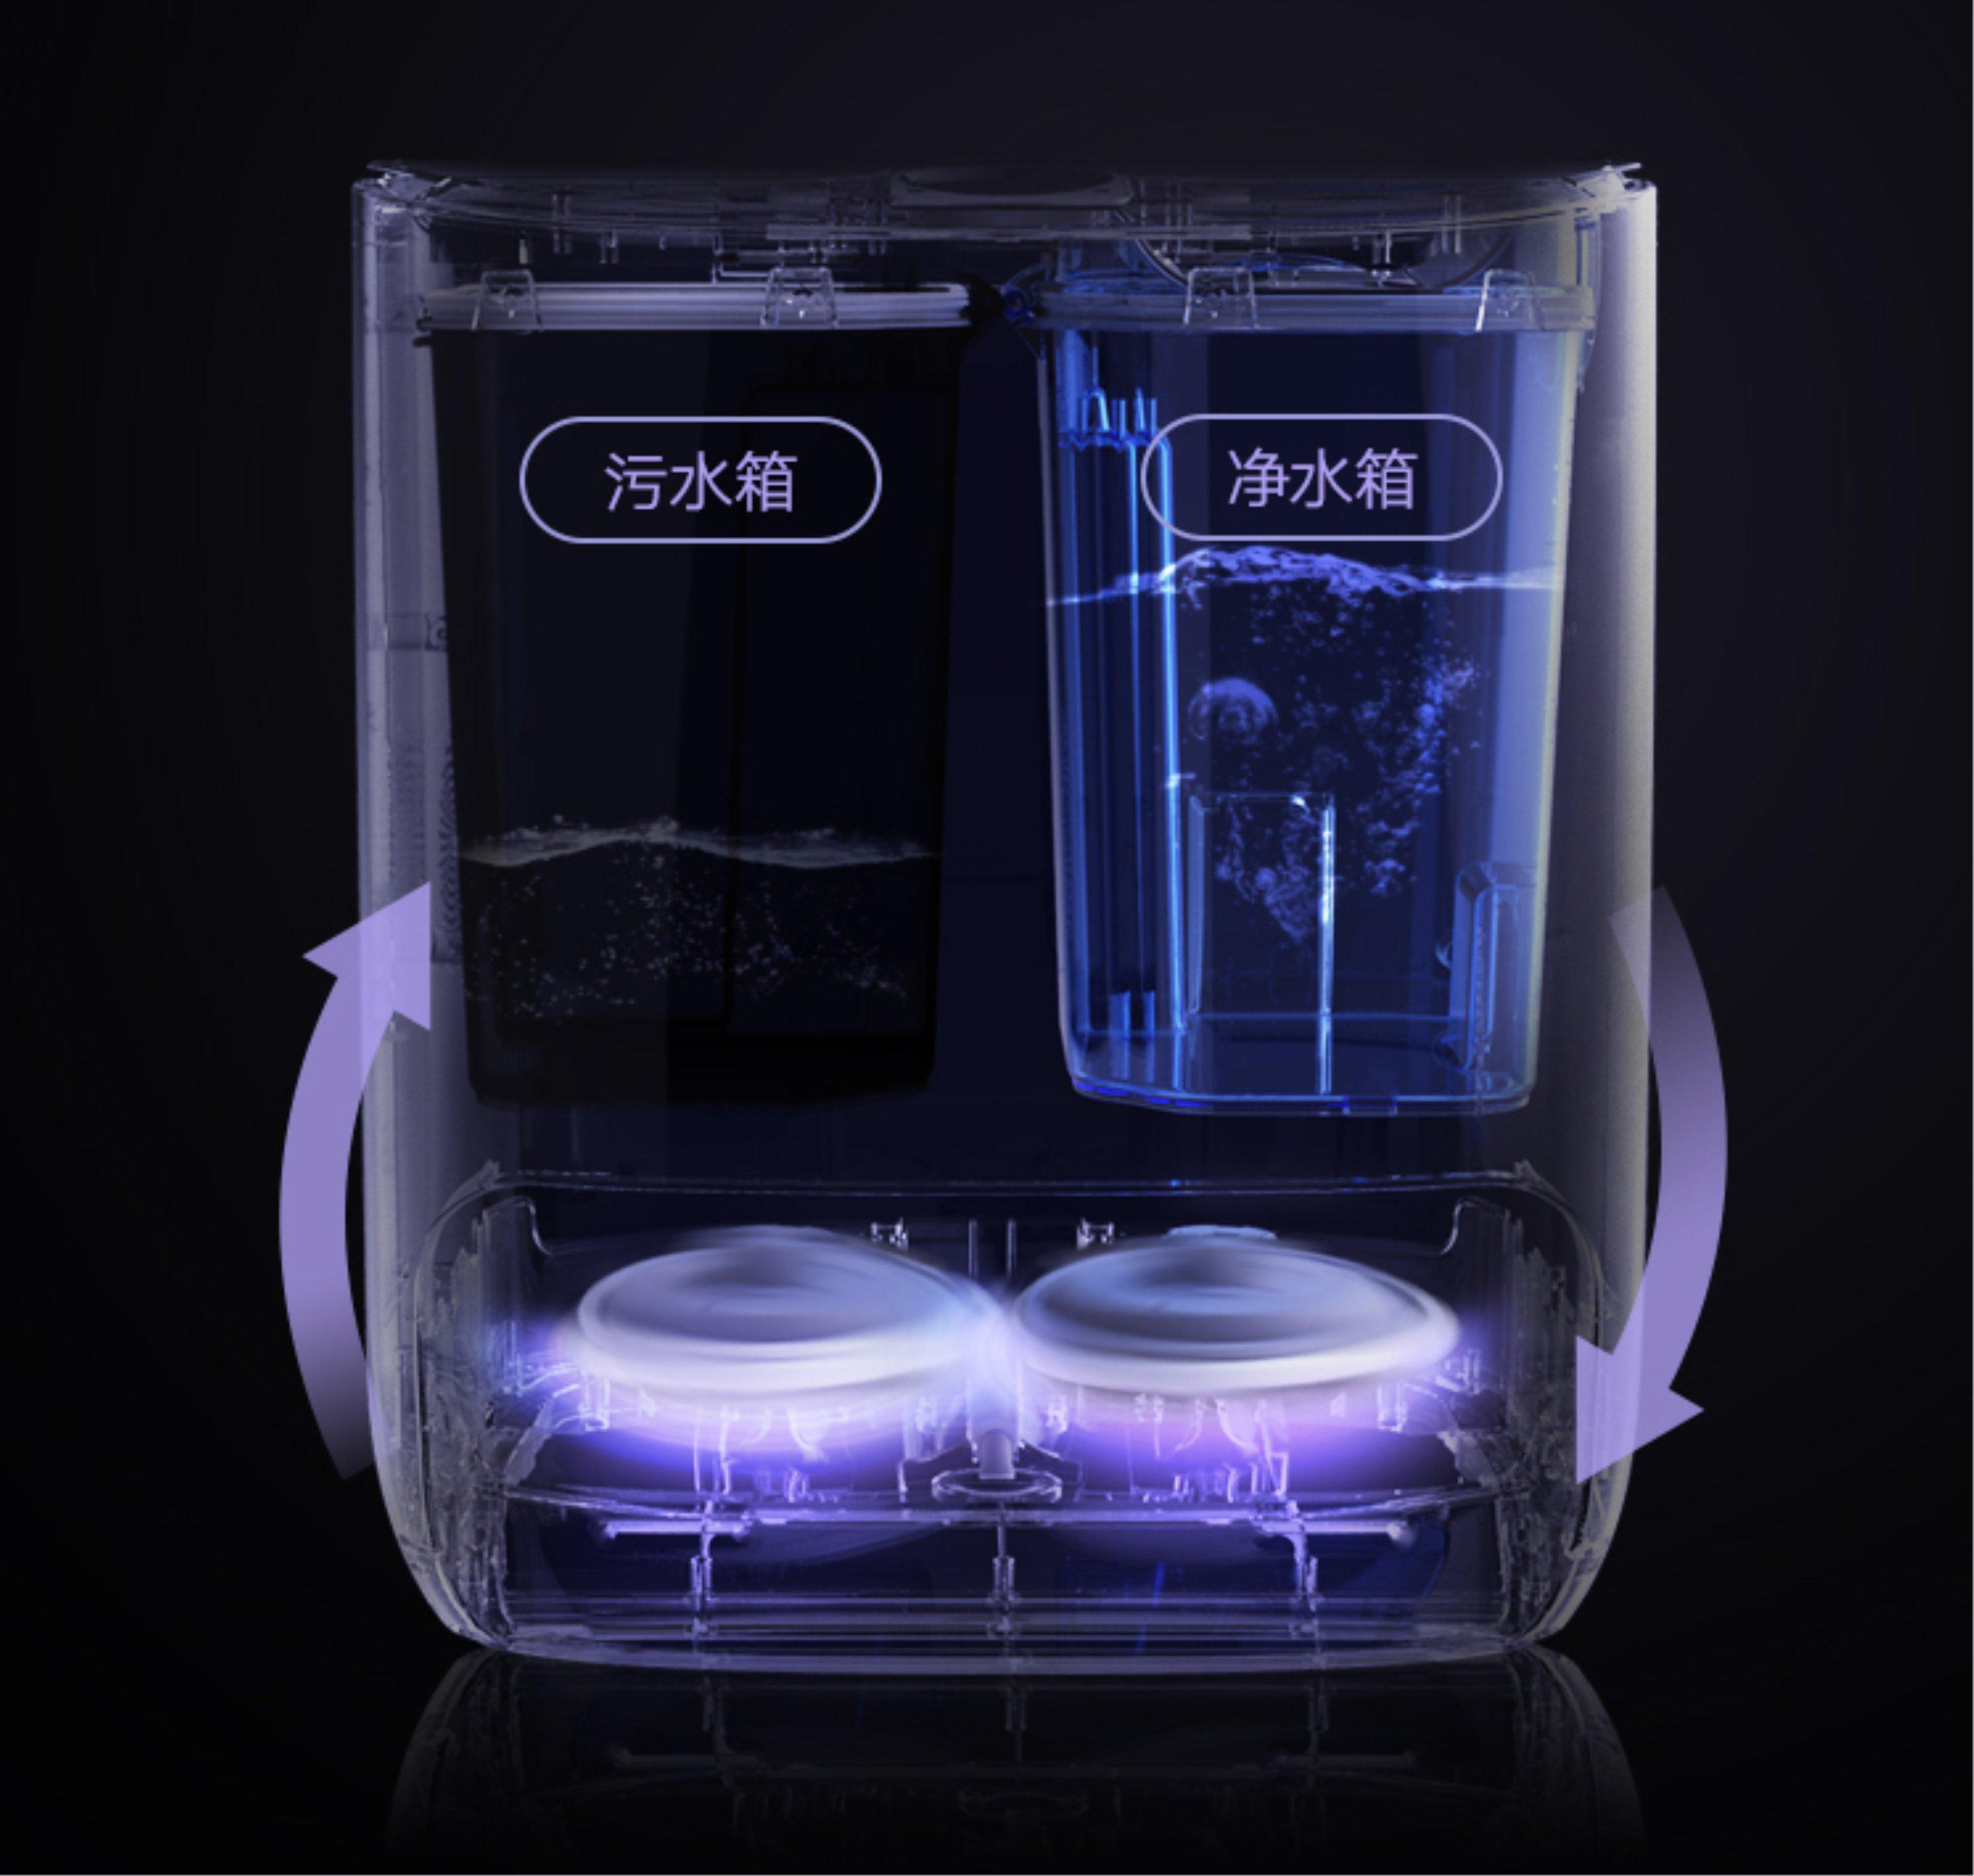 欧美追捧的中国黑科技产品Narwal云鲸全自动扫地机器人